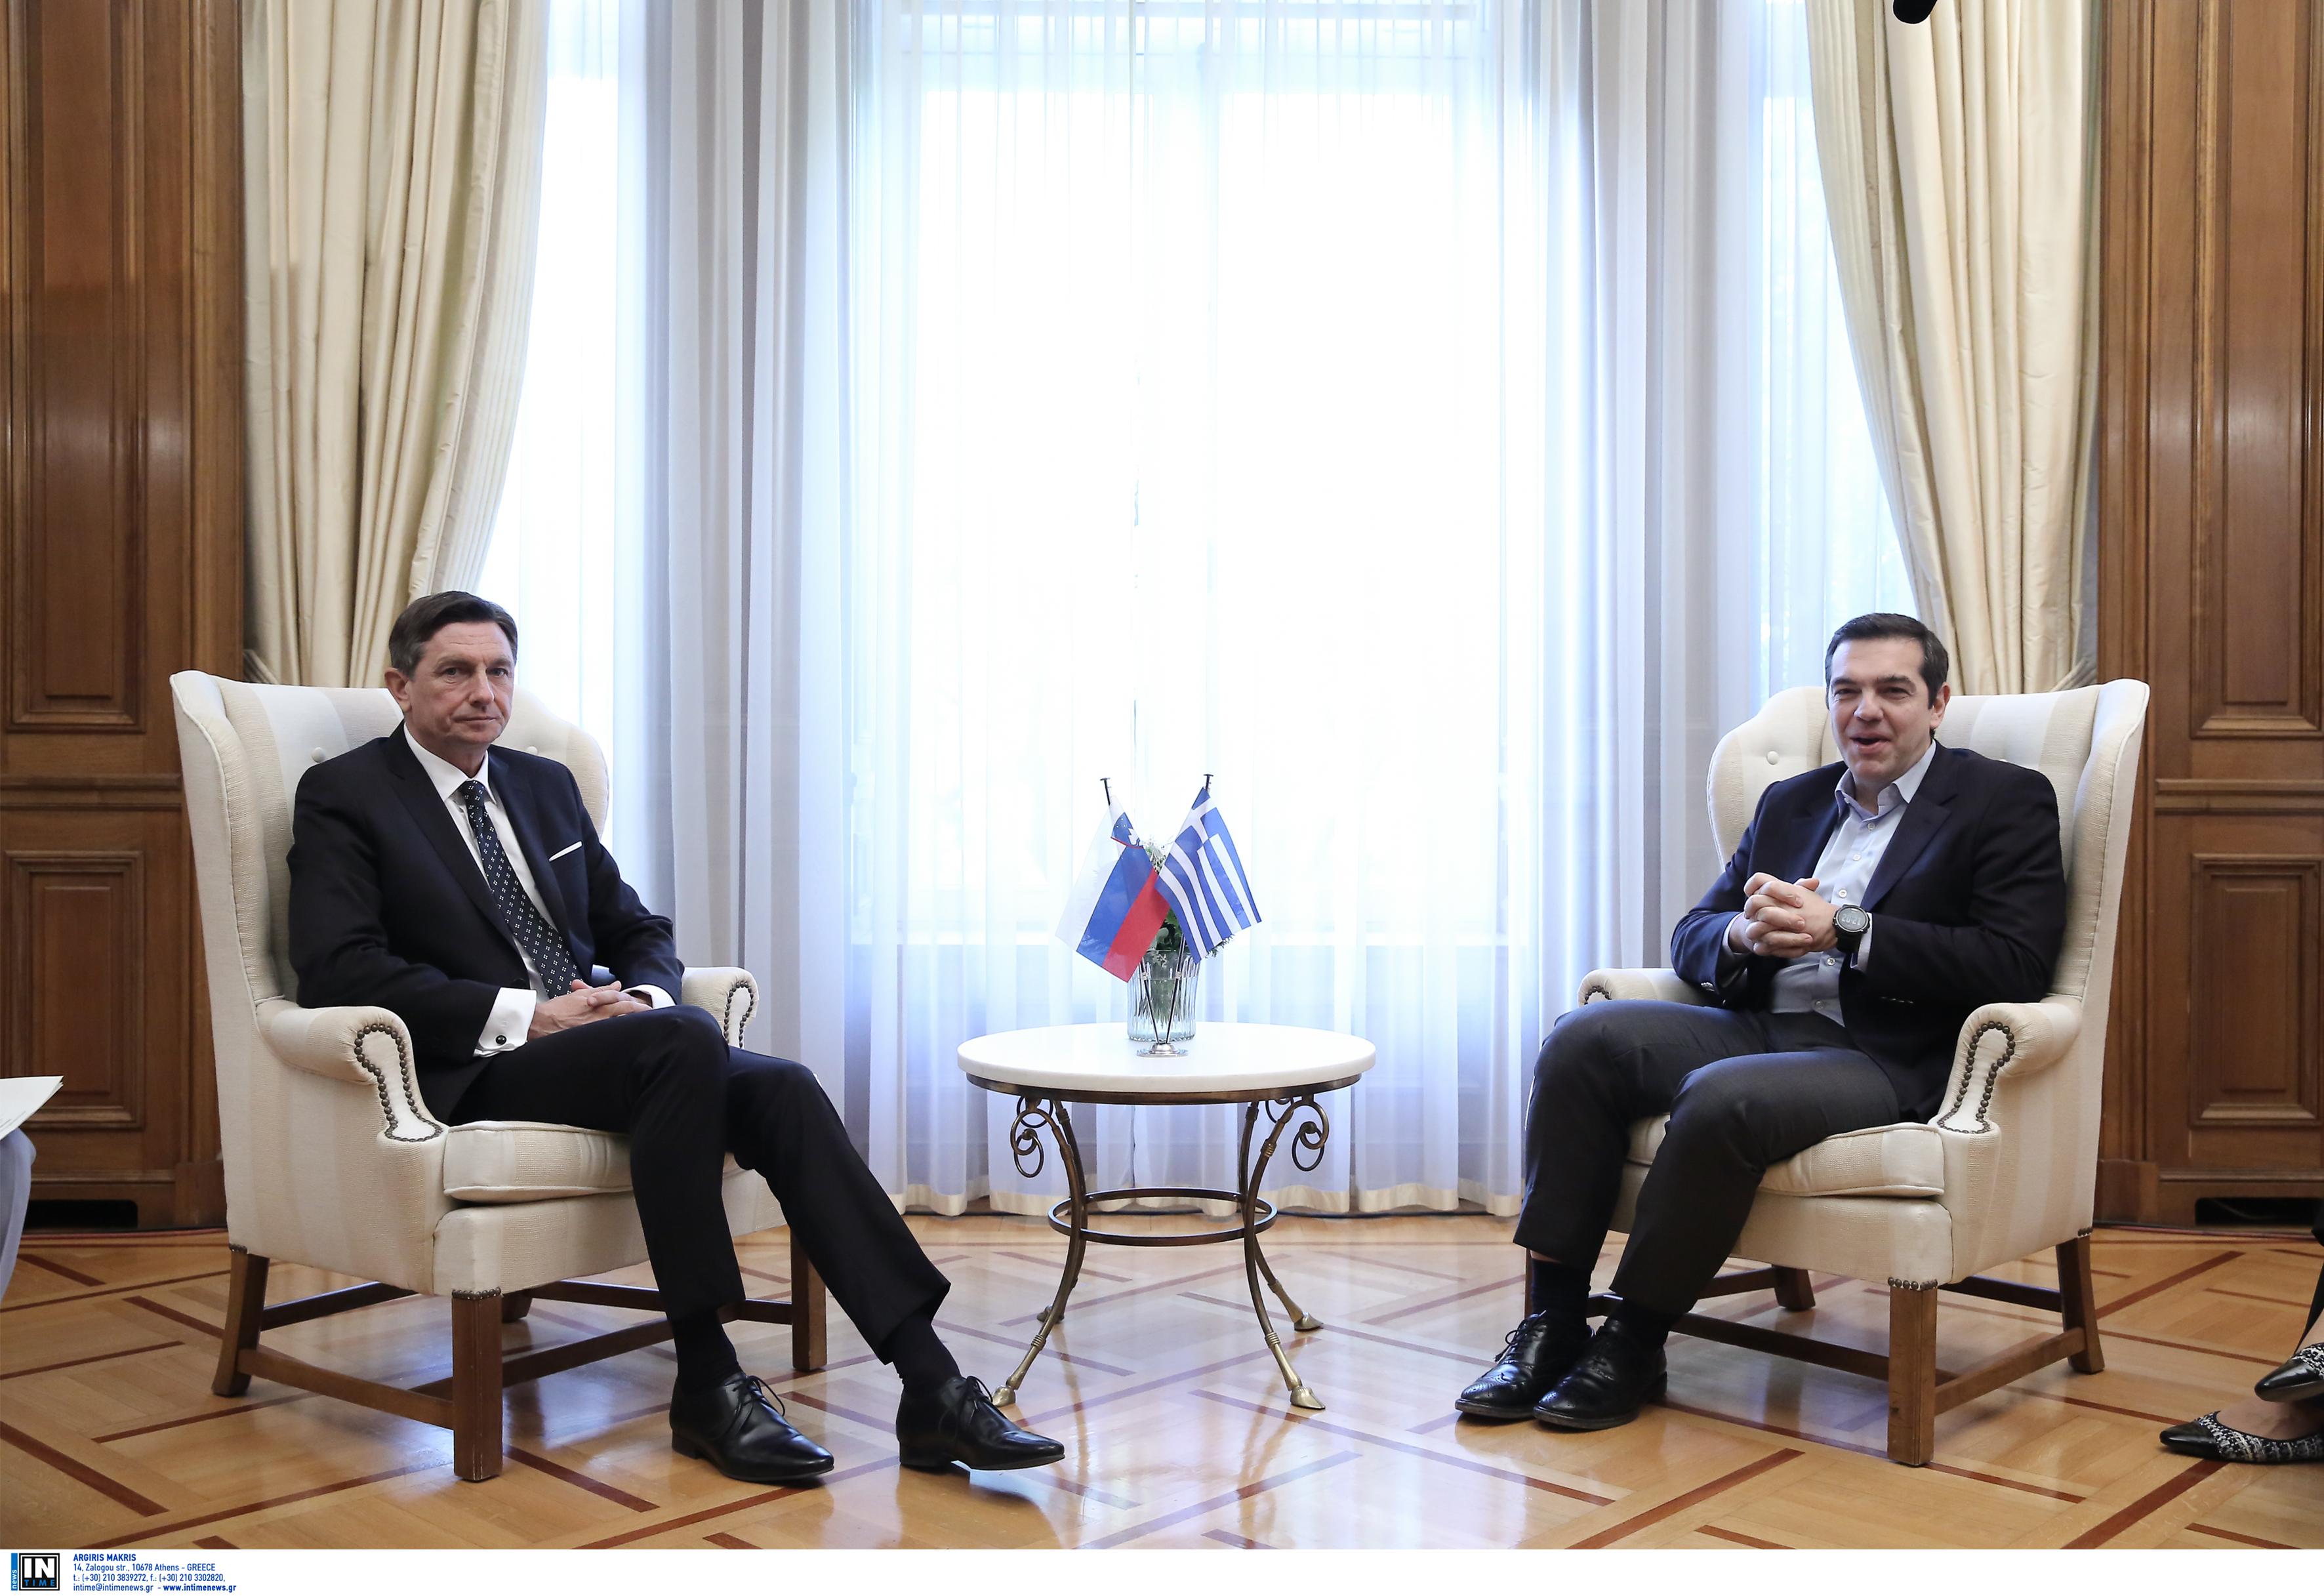 tsipras-se-sloveno-proedro-sto-exis-tha-anagnorizete-toys-geitones-mas-os-voreia-makedonia3